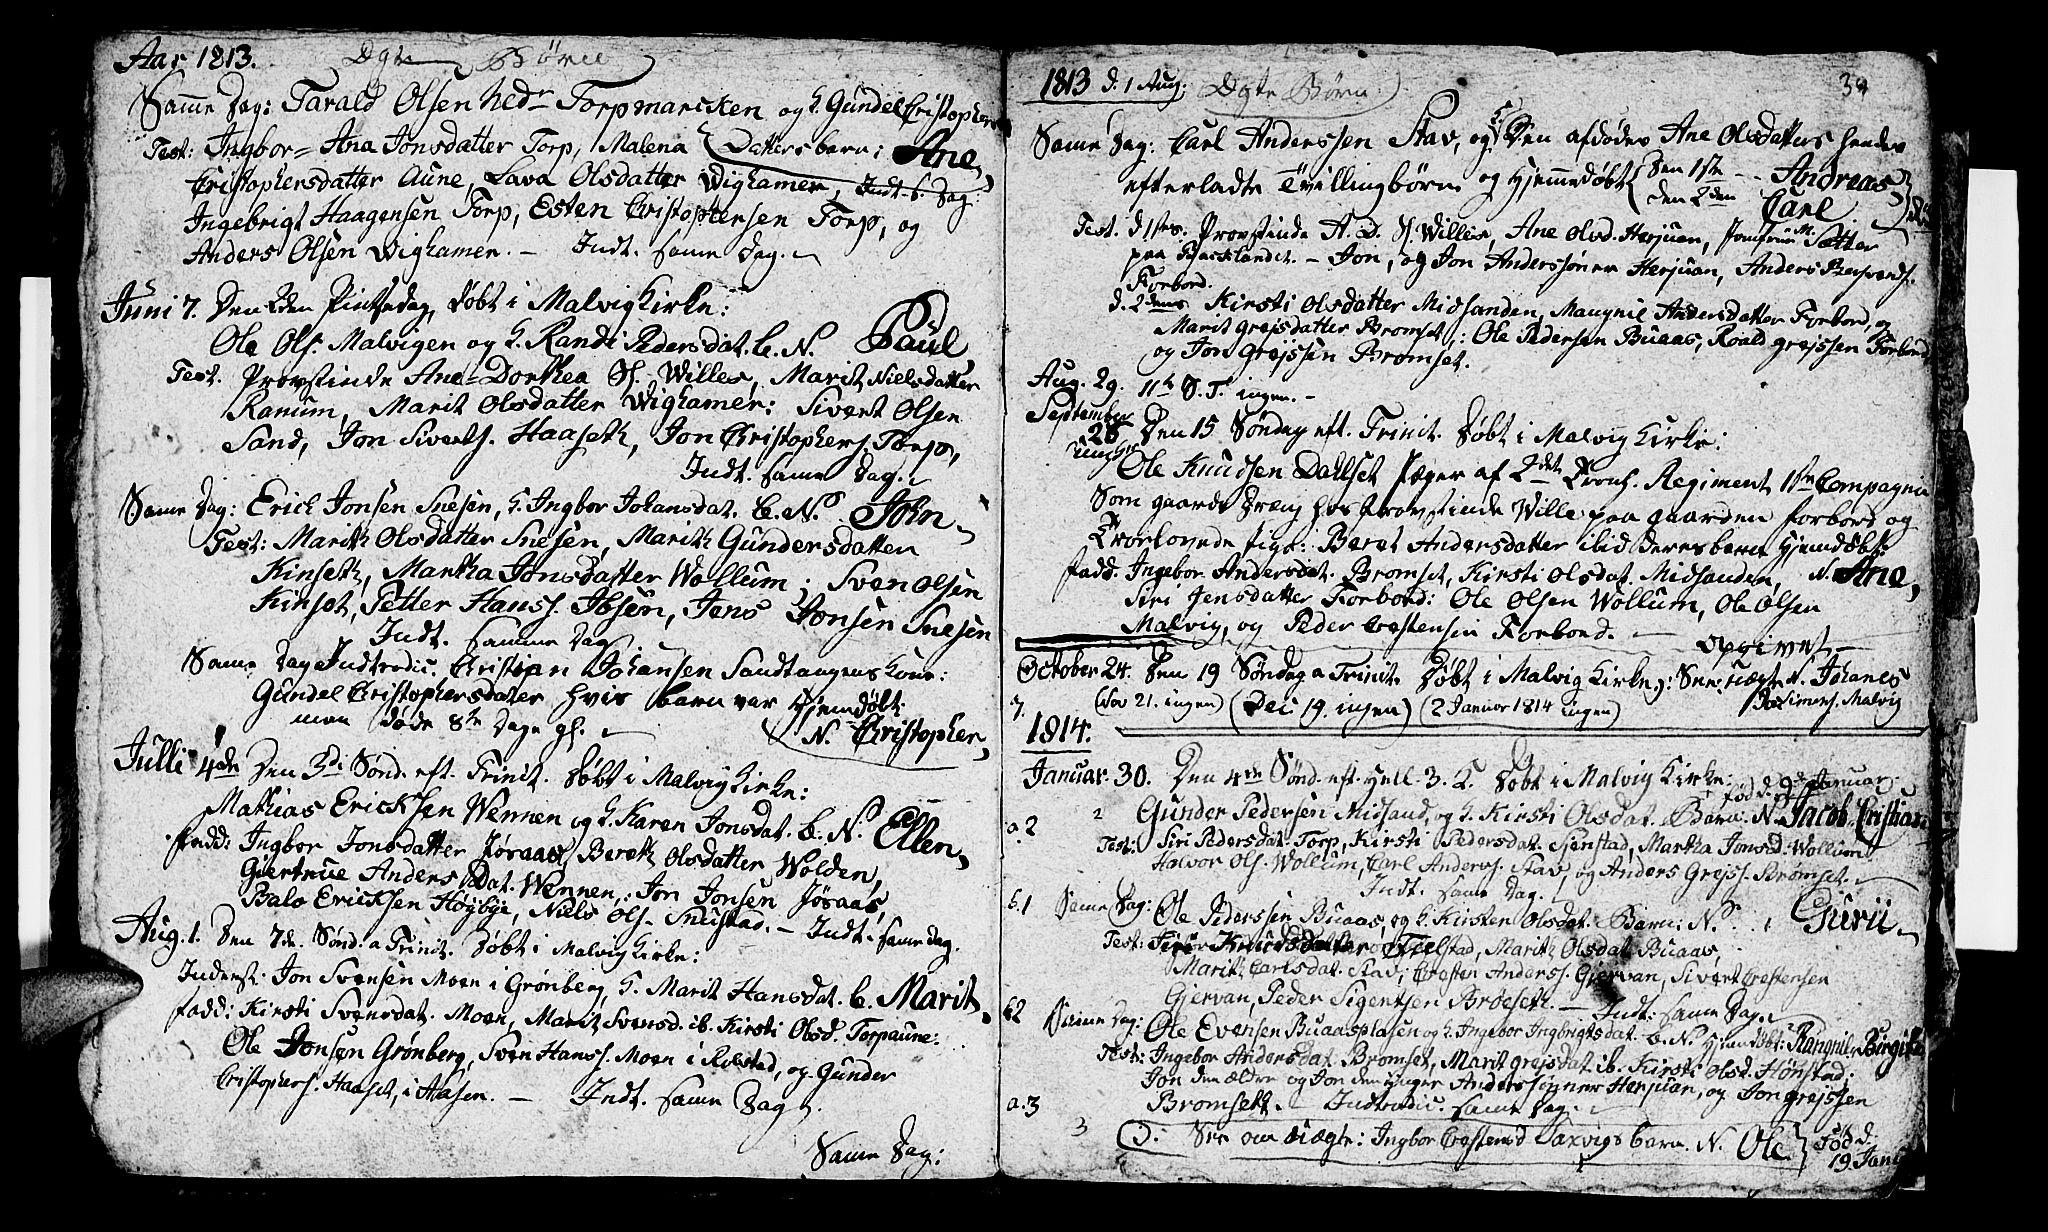 SAT, Ministerialprotokoller, klokkerbøker og fødselsregistre - Sør-Trøndelag, 616/L0419: Klokkerbok nr. 616C02, 1797-1816, s. 39